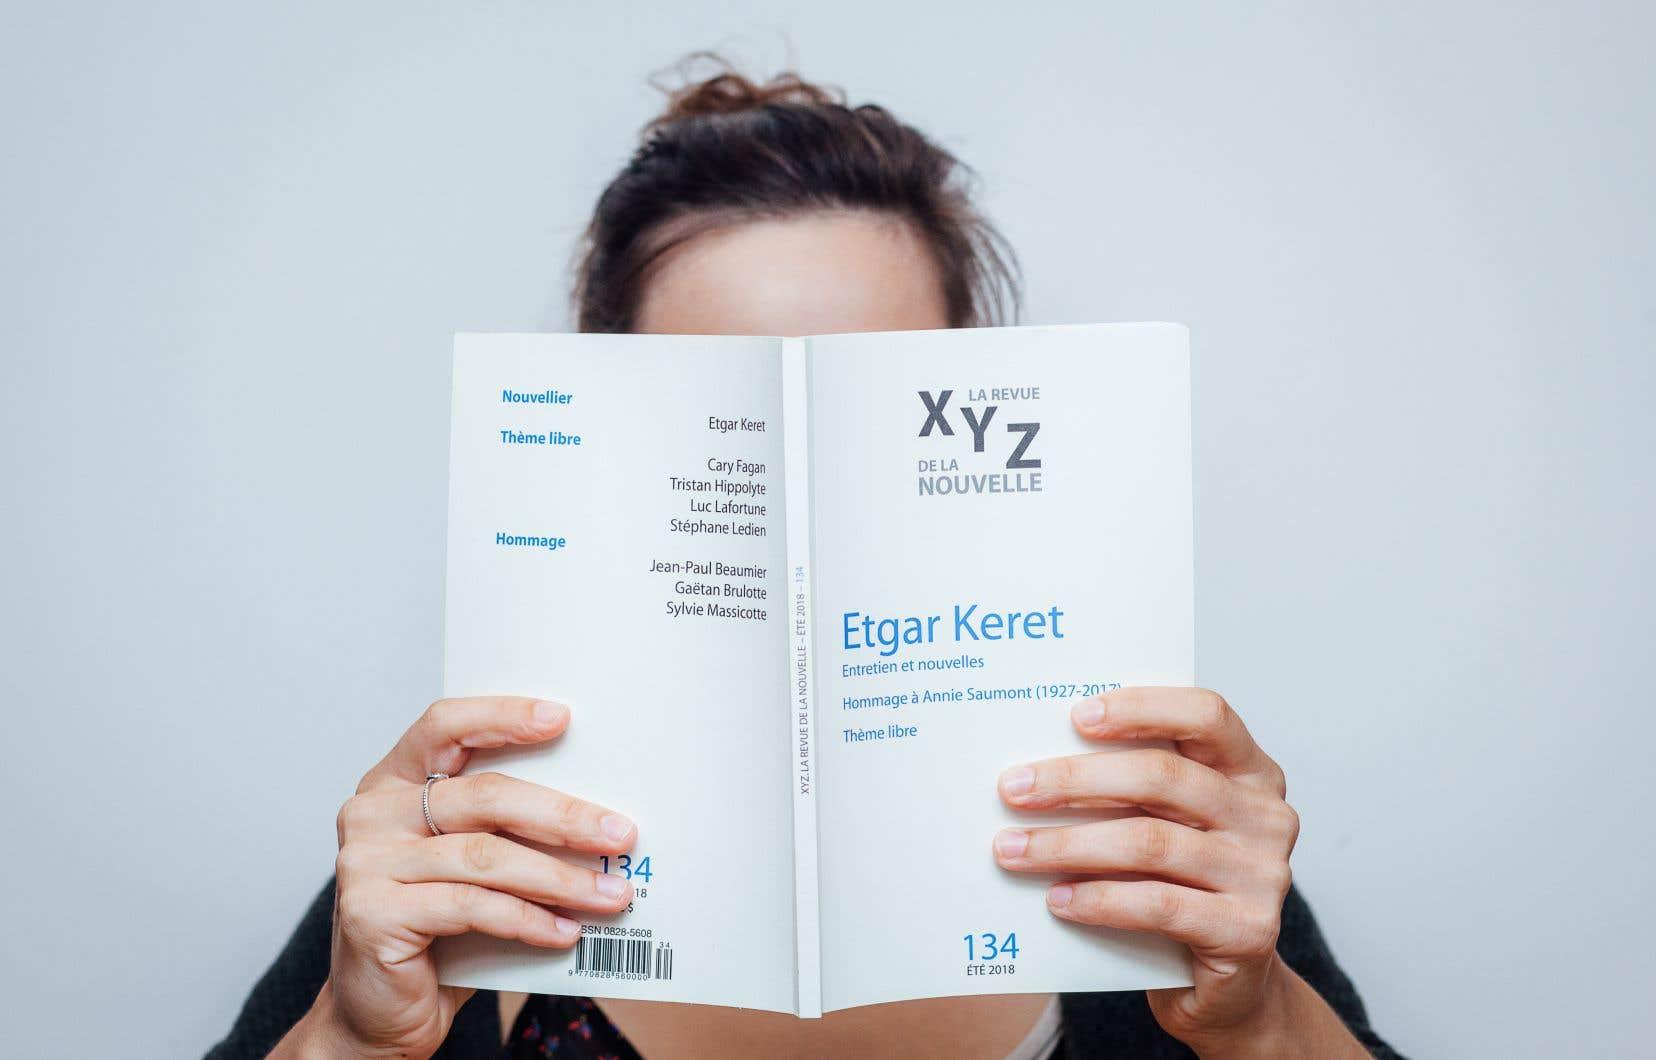 Selon l'éditeur d'«XYZ», l'intérêt de publier un texte est qu'il soulève des questions importantes et peut susciter des échanges plus larges: la littérature et l'art en général peuvent-ils encore tout dire?